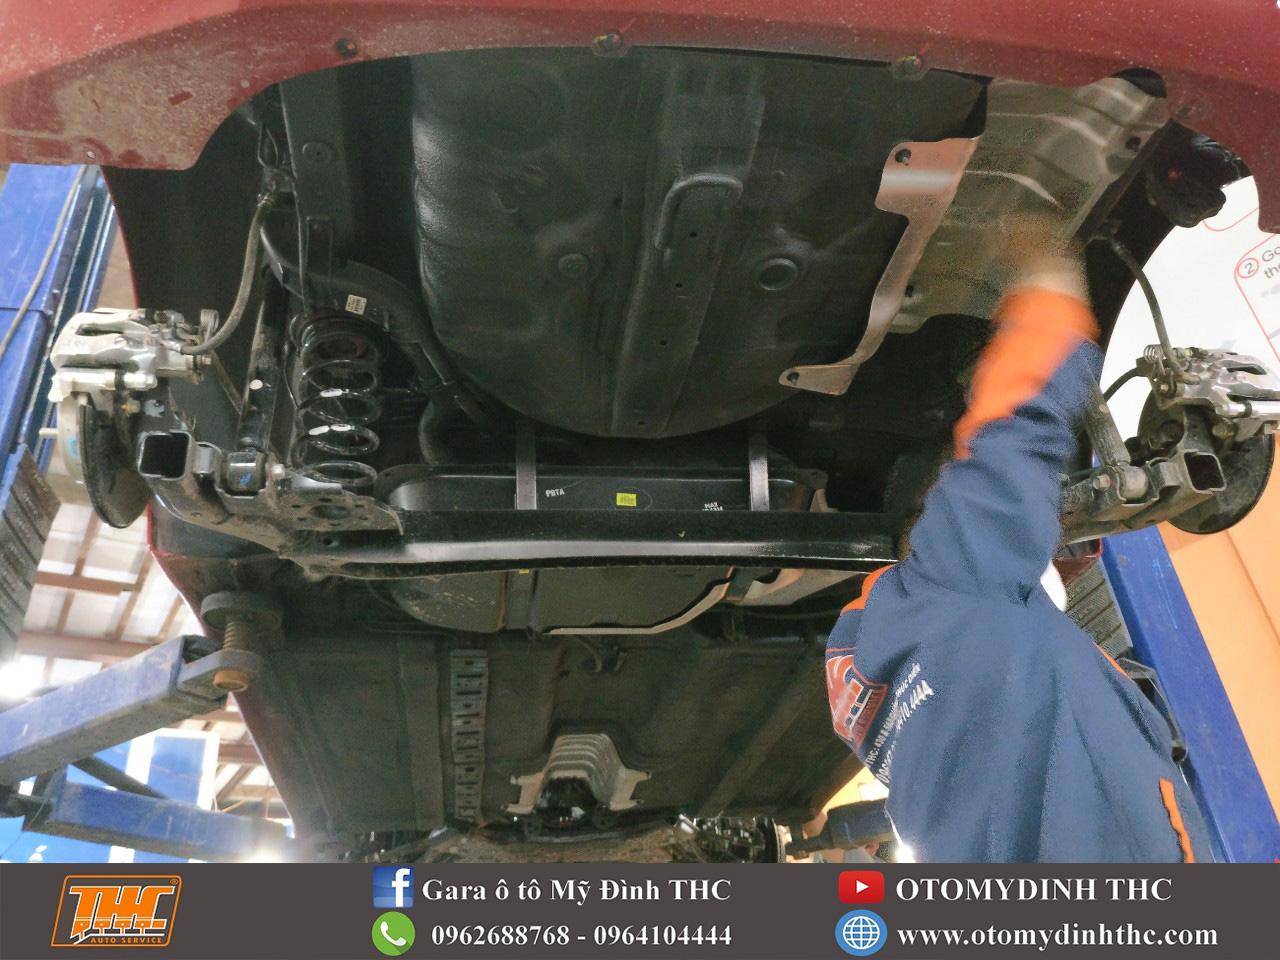 Chi phí bảo dưỡng định kỳ xe Hyundai I10